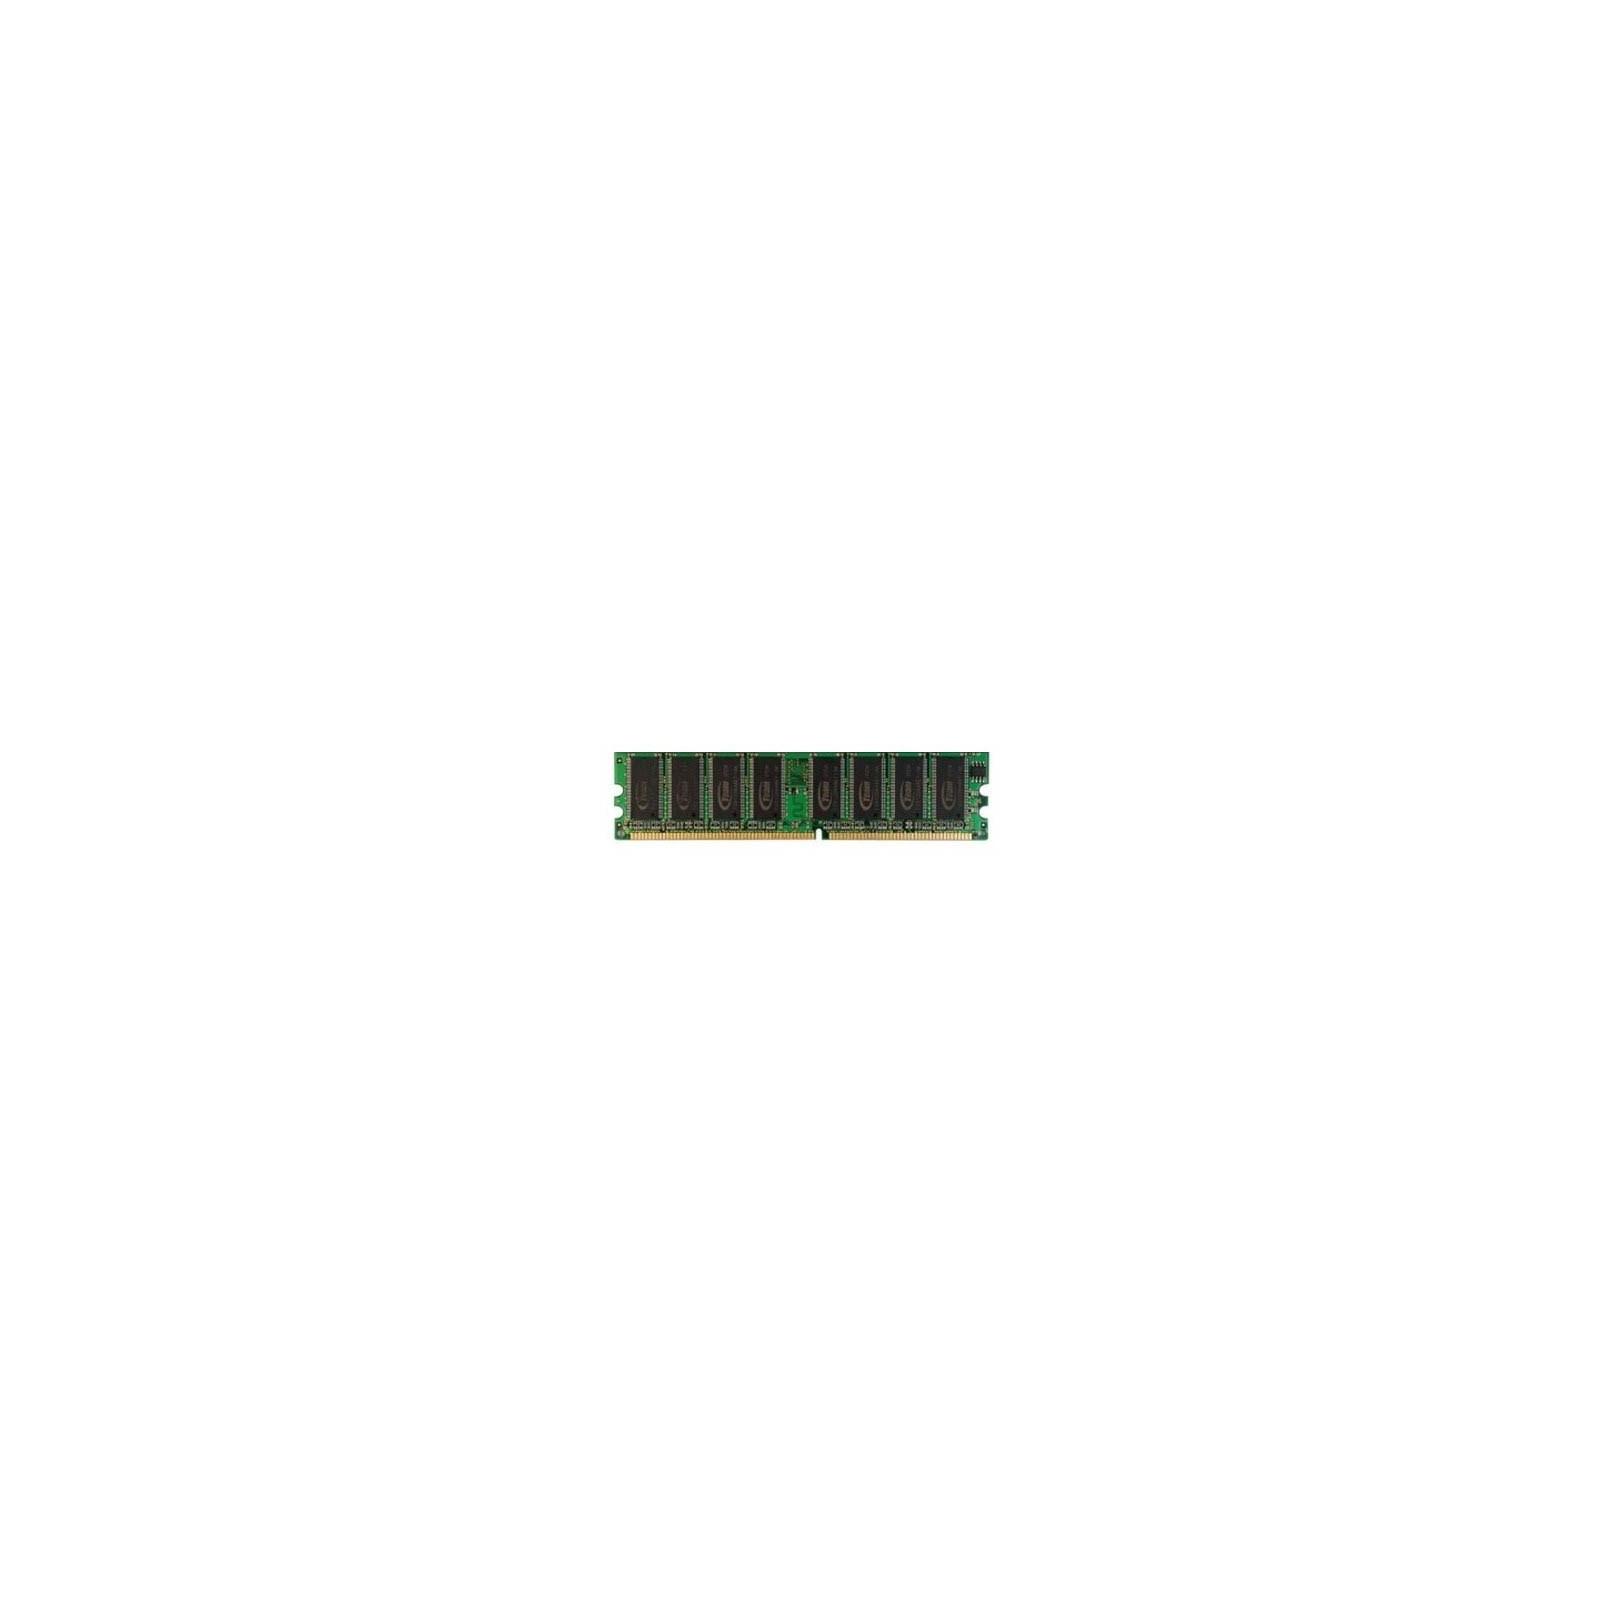 Модуль памяти для компьютера DDR3 2GB 1333 MHz Hynix (HMT125U6TF8A-H9)